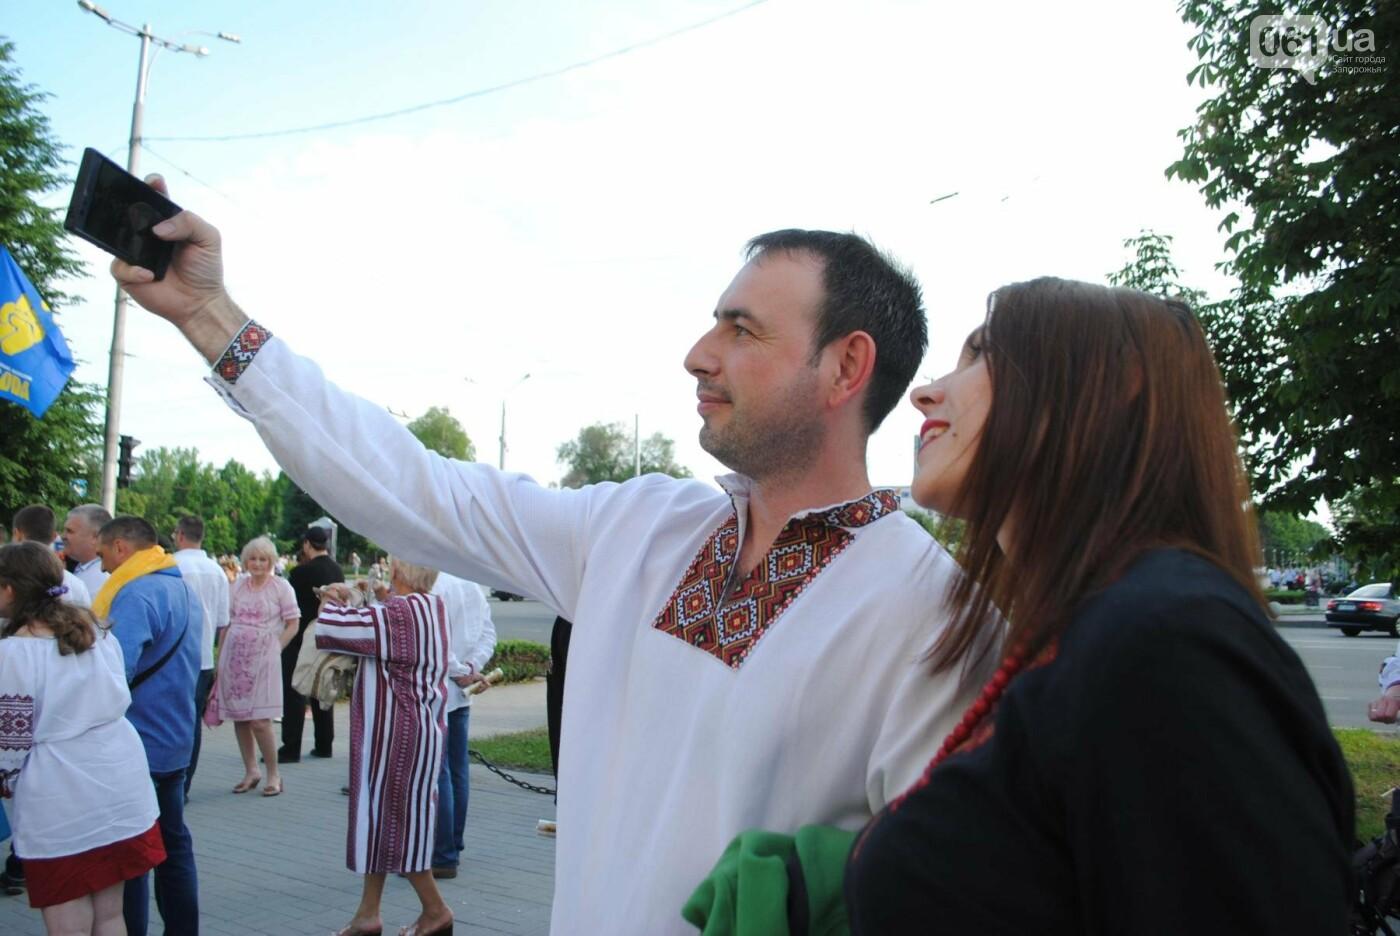 Несколько сотен запорожцев приняли участие в Марше вышиванок, - ФОТОРЕПОРТАЖ, фото-2